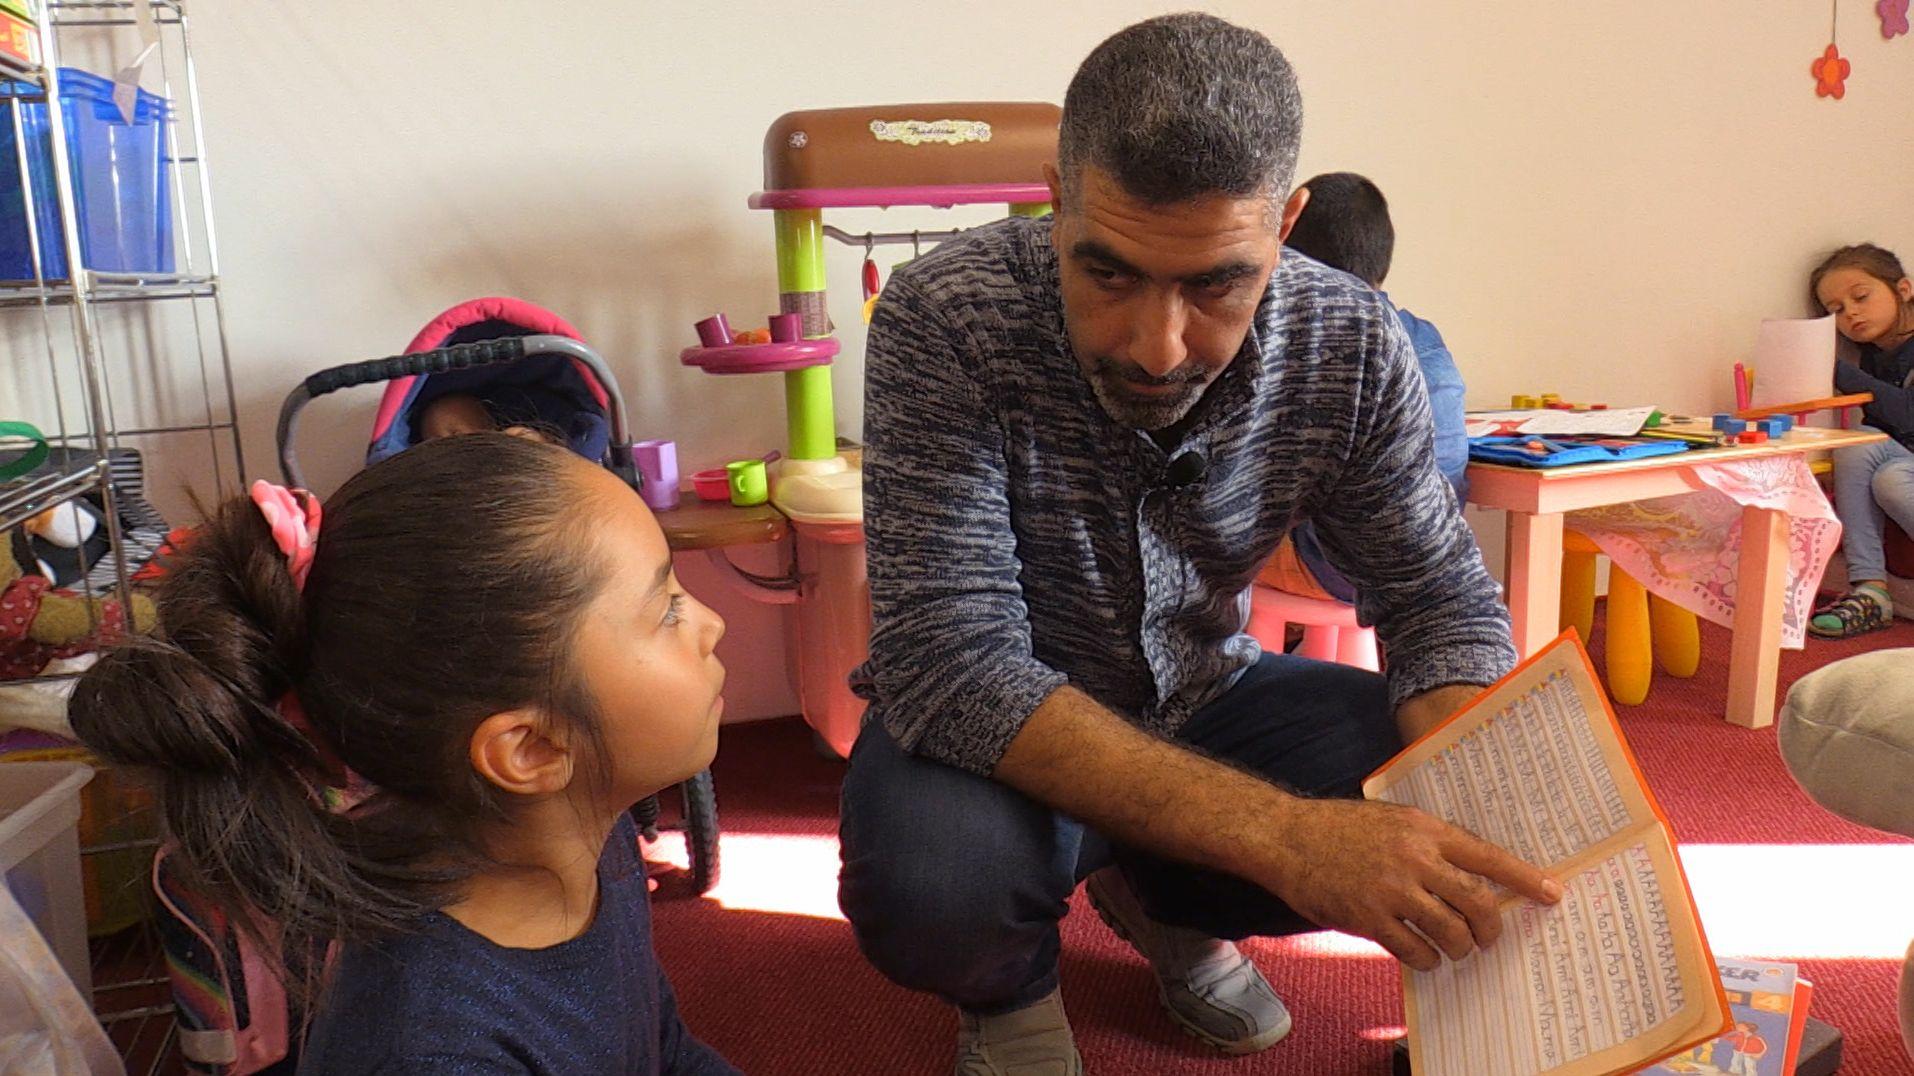 Mohammad Abdolmouti hilft den Kindern bei den Hausaufgaben.